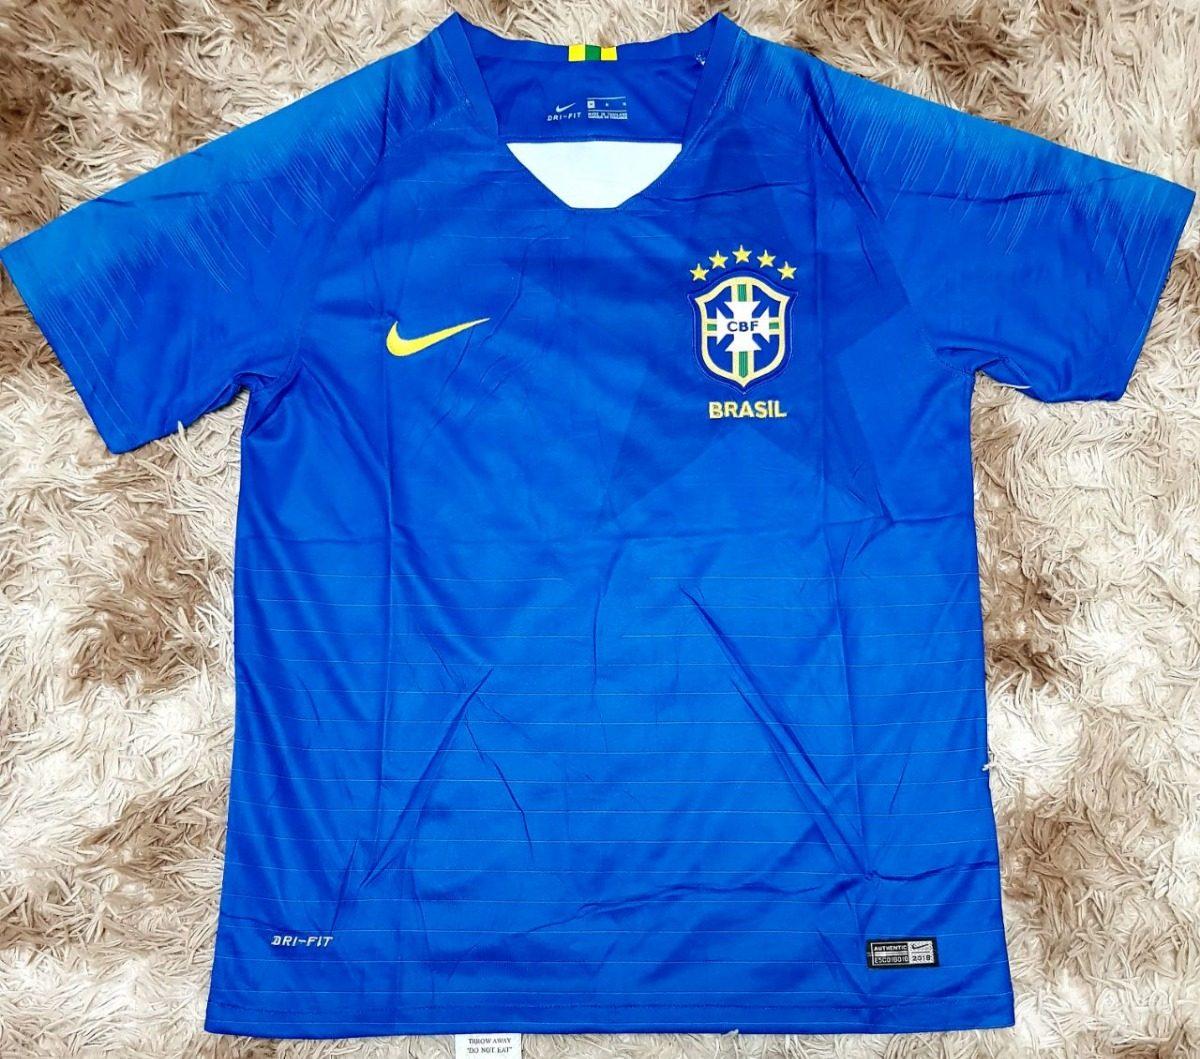 uniforme brasil cbf - nike seleção brasileira - original! Carregando zoom. 3df9a3e72da6d